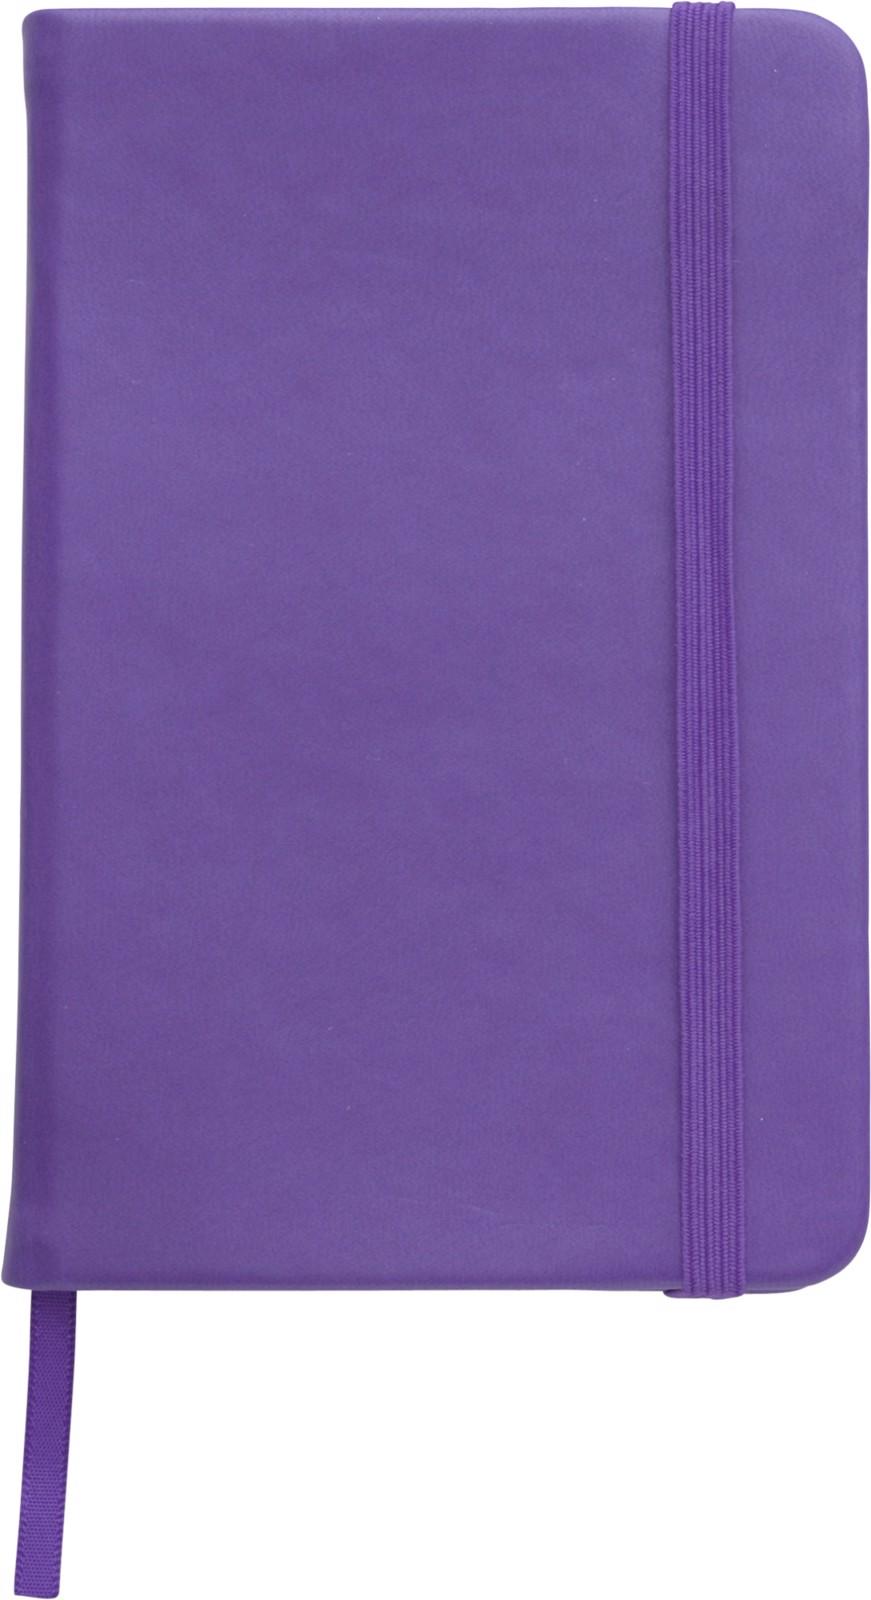 PU notebook - Purple